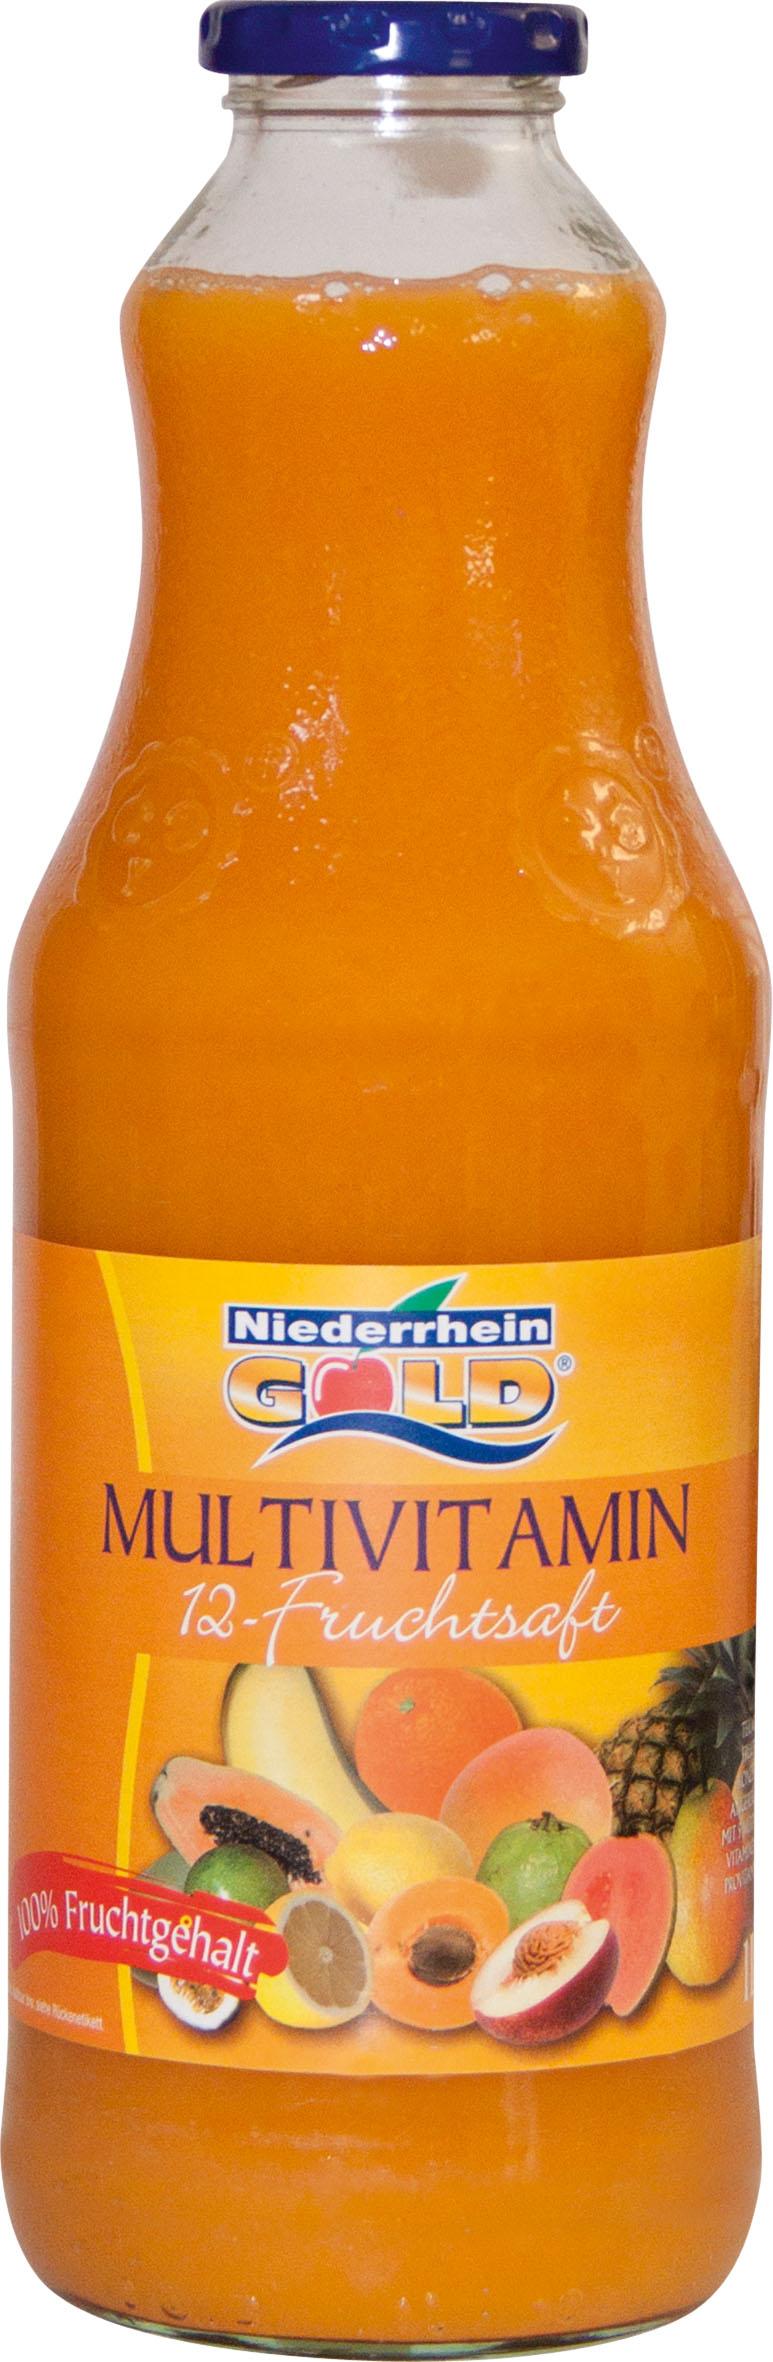 Niederrhein-Gold Multivitamin 12-Fruchtsaft